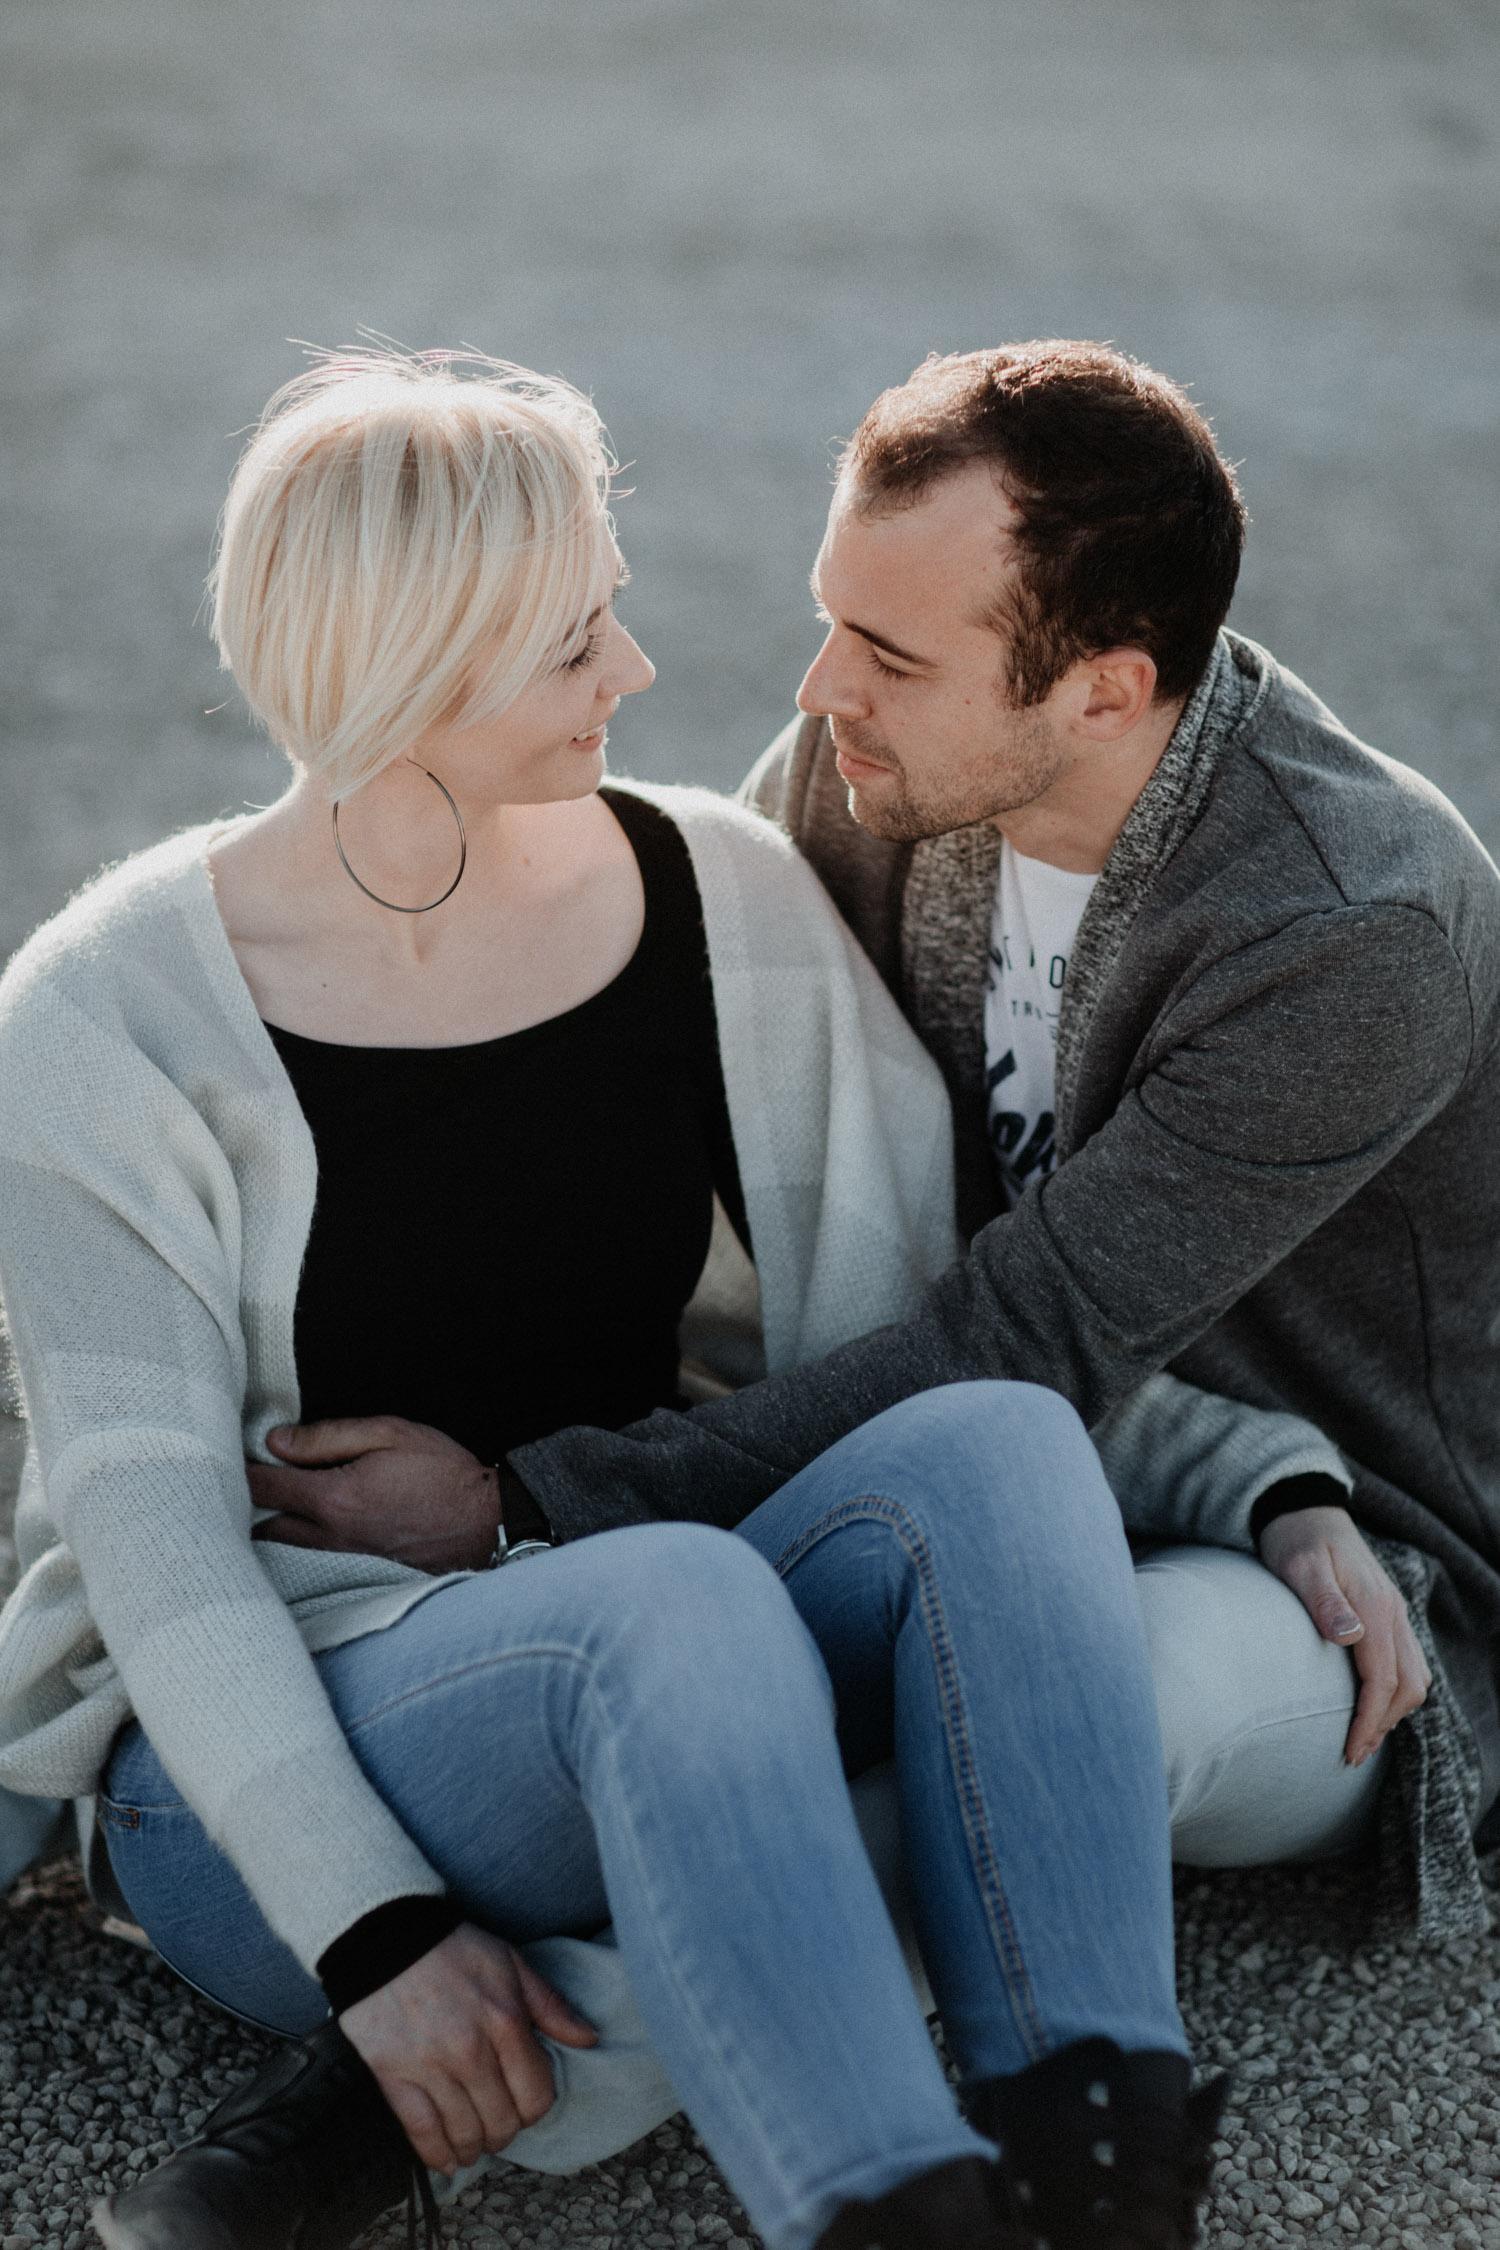 Paarshooting Aargau Schweiz Paarfotos natürlich ungestellt authentisch Fotografin Kieswerk Sanddünen Kiesgrube Verlobungsshooting